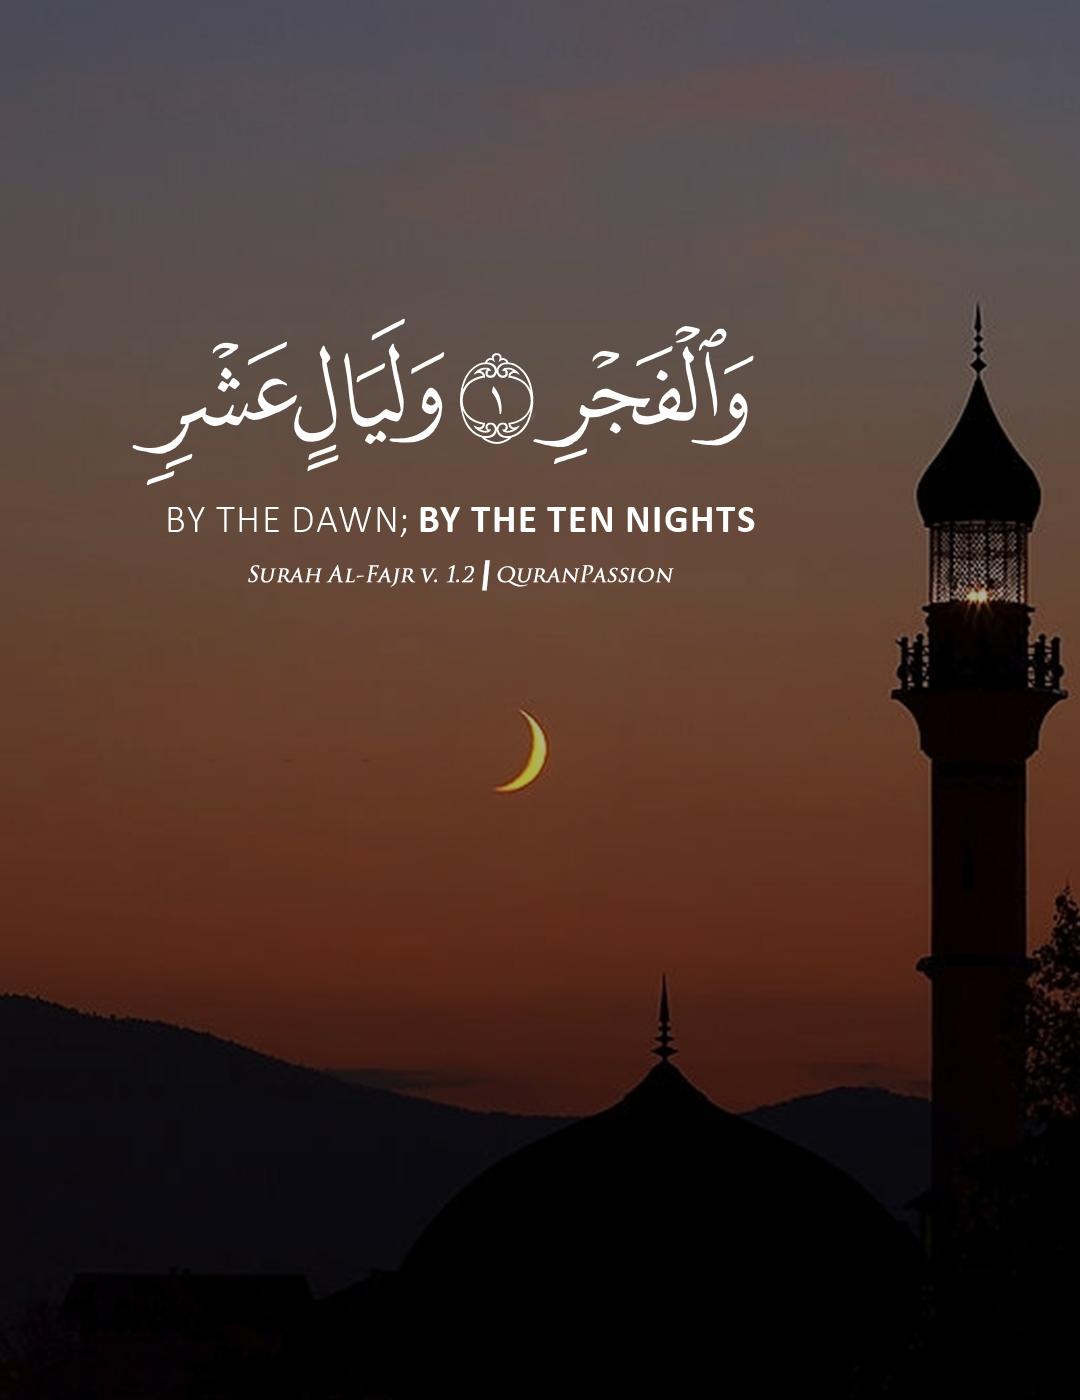 الأعمال الفاضلة التي ينبغي للمسلم أن يحرص عليها في عشر ذي الحجة الحج والعمرة فهي من أفضل وأجل الأعمال في تلك العشر Quran Home Decor Decals Quran Verses